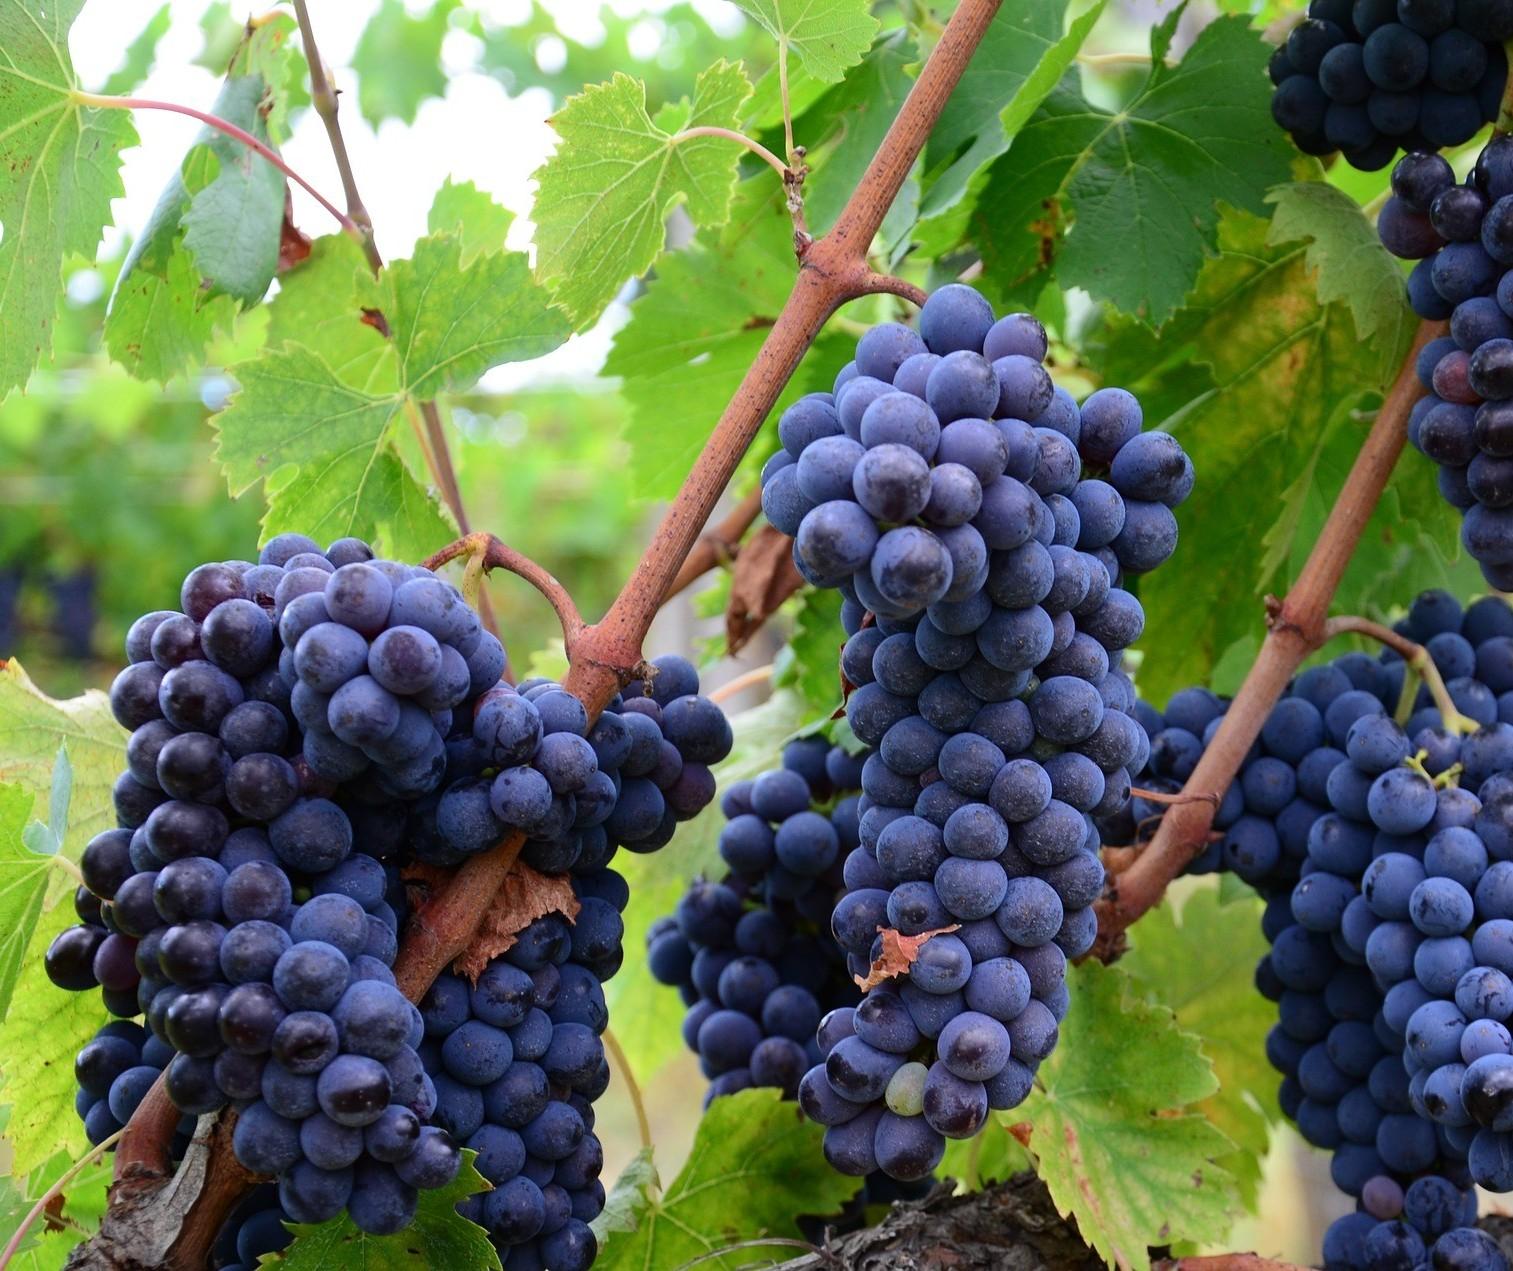 Fazer vinho é fácil; com qualidade é outra história